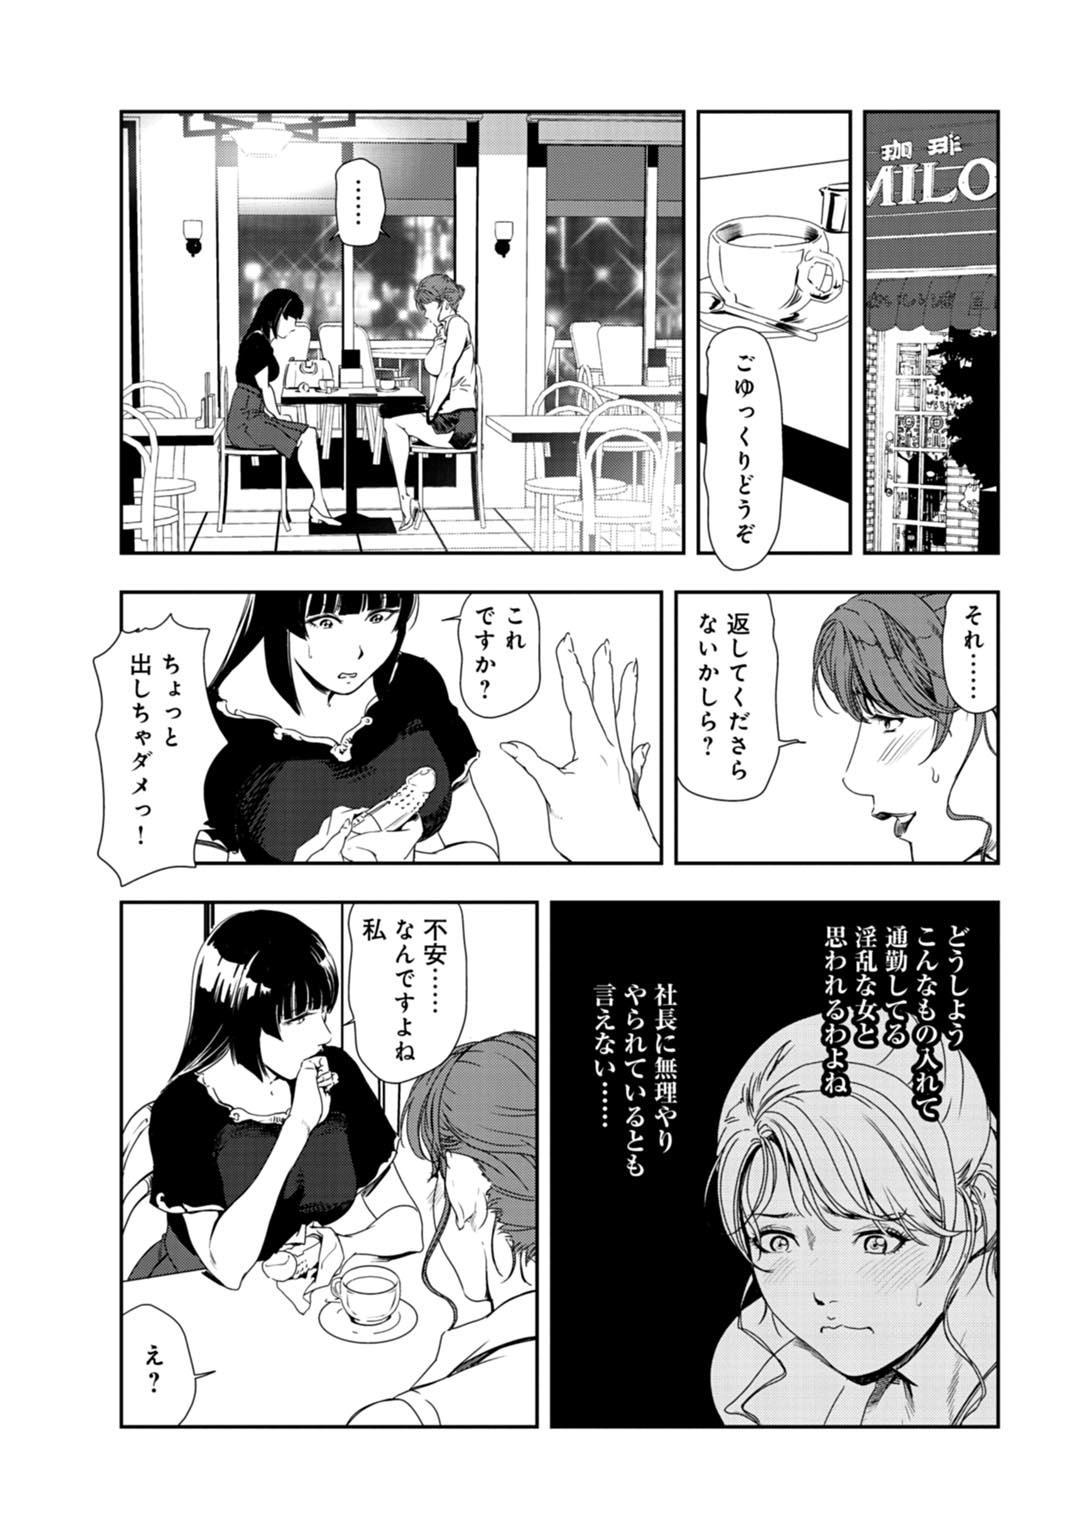 Nikuhisyo Yukiko 26 35